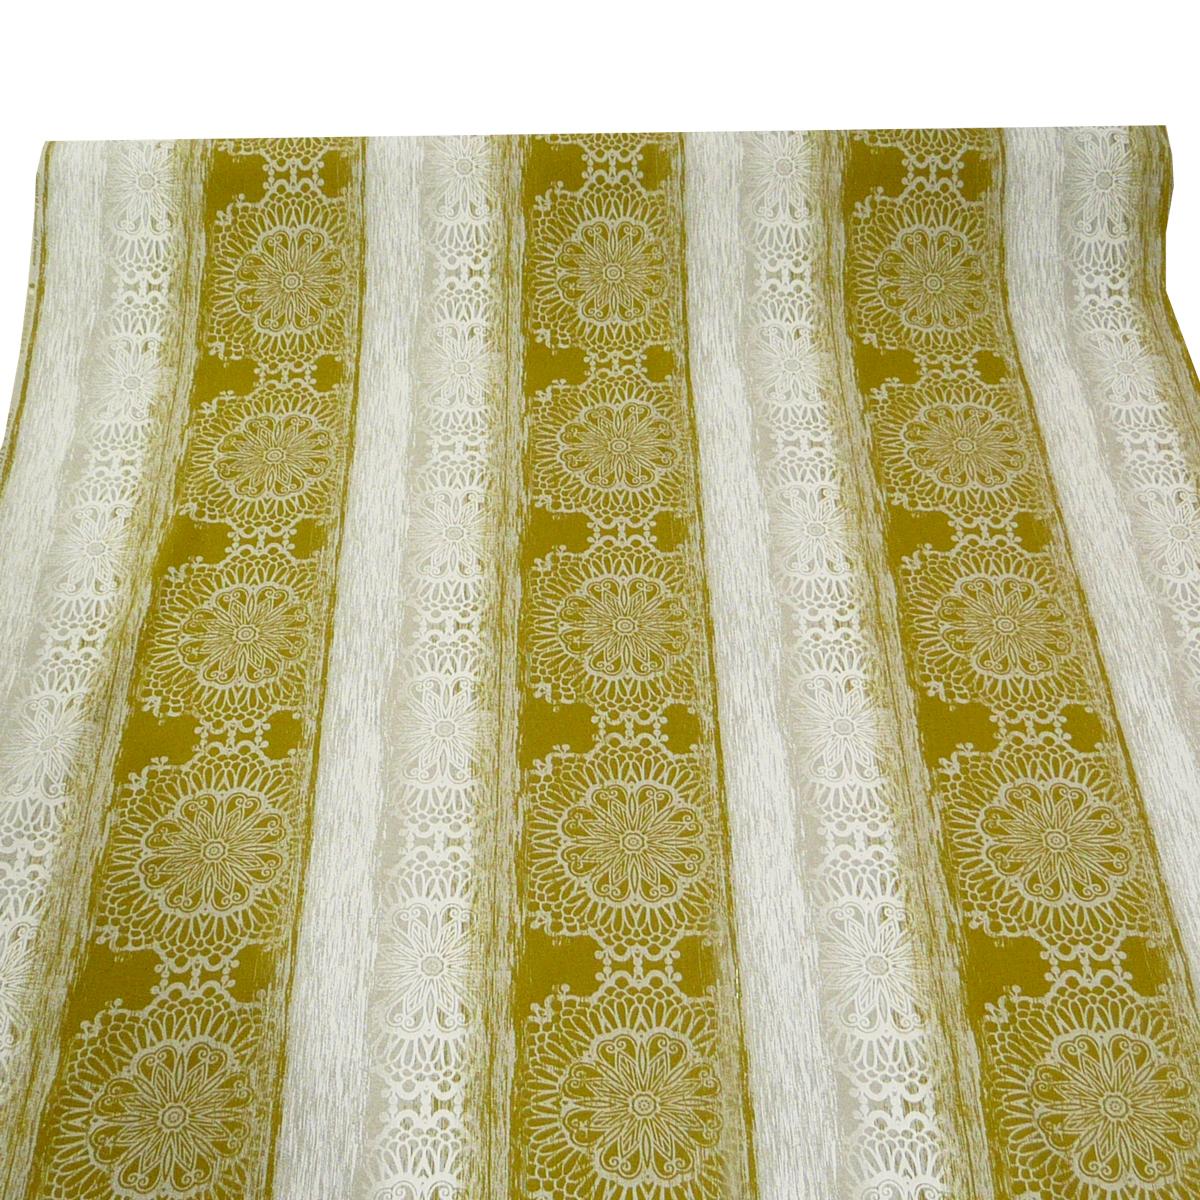 dekostoff blumen maserung gelb grau wei natur 1 55m breite alle stoffe stoffe gemustert stoff. Black Bedroom Furniture Sets. Home Design Ideas